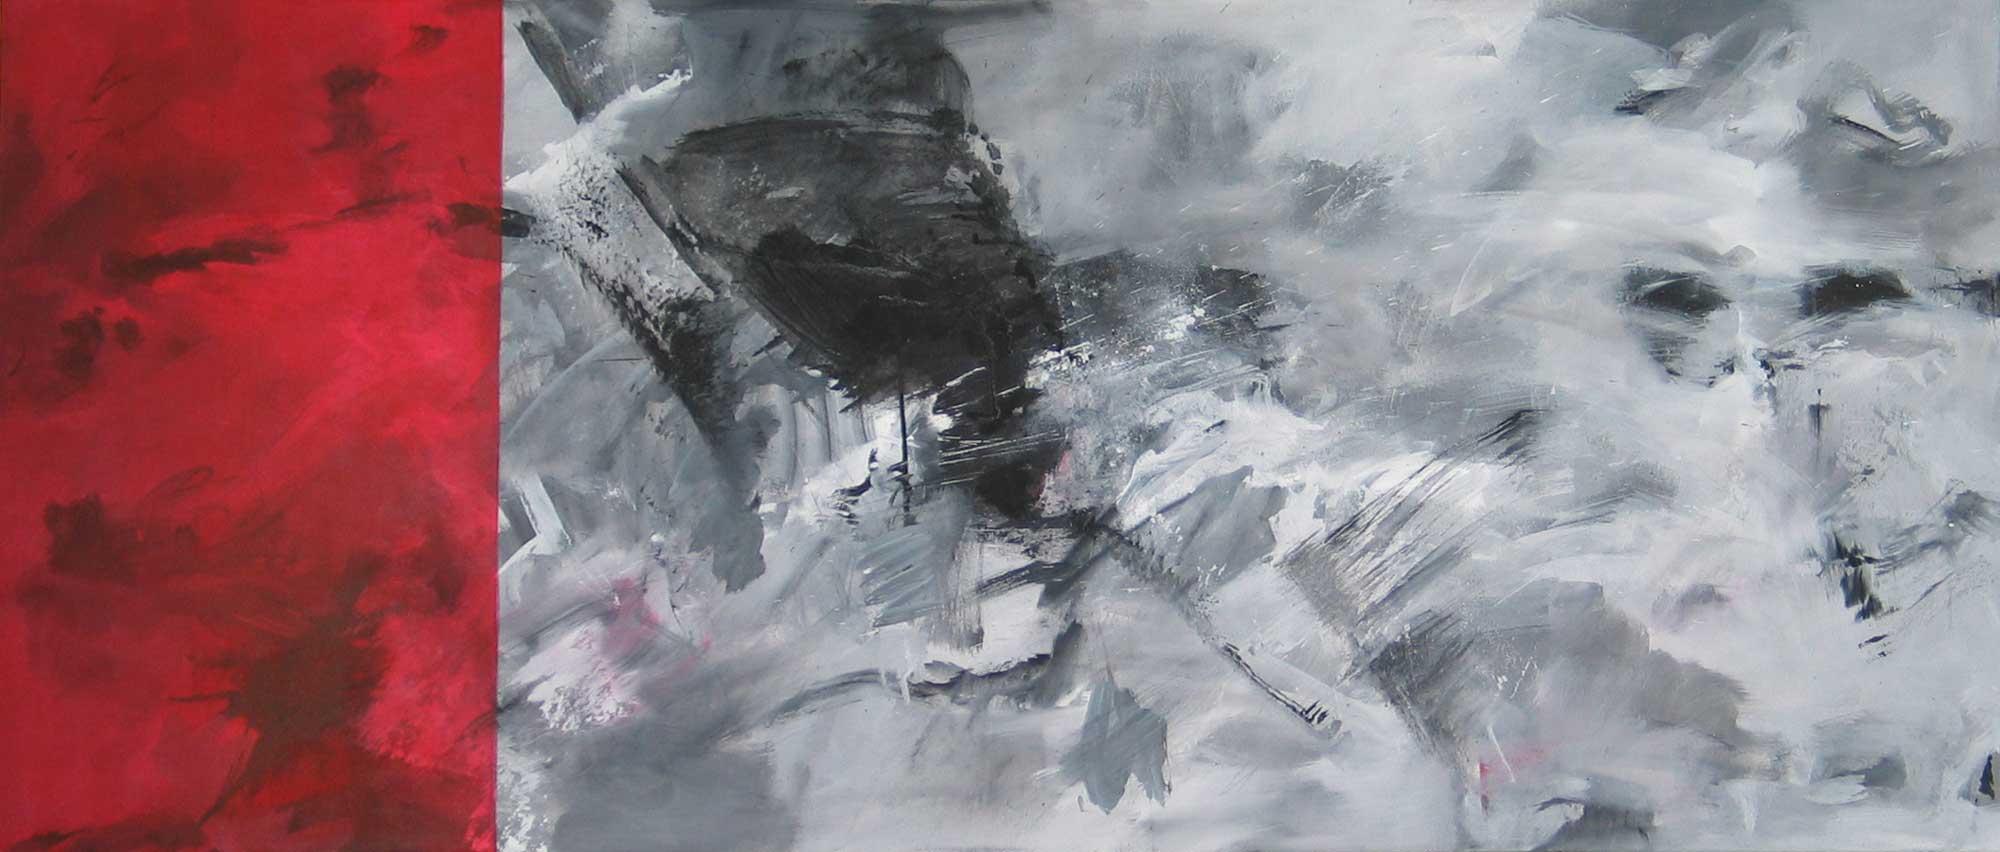 #20091 | Variationen zu einem Thema #23 | Acryl auf Leinwand | 60 x 140 cm